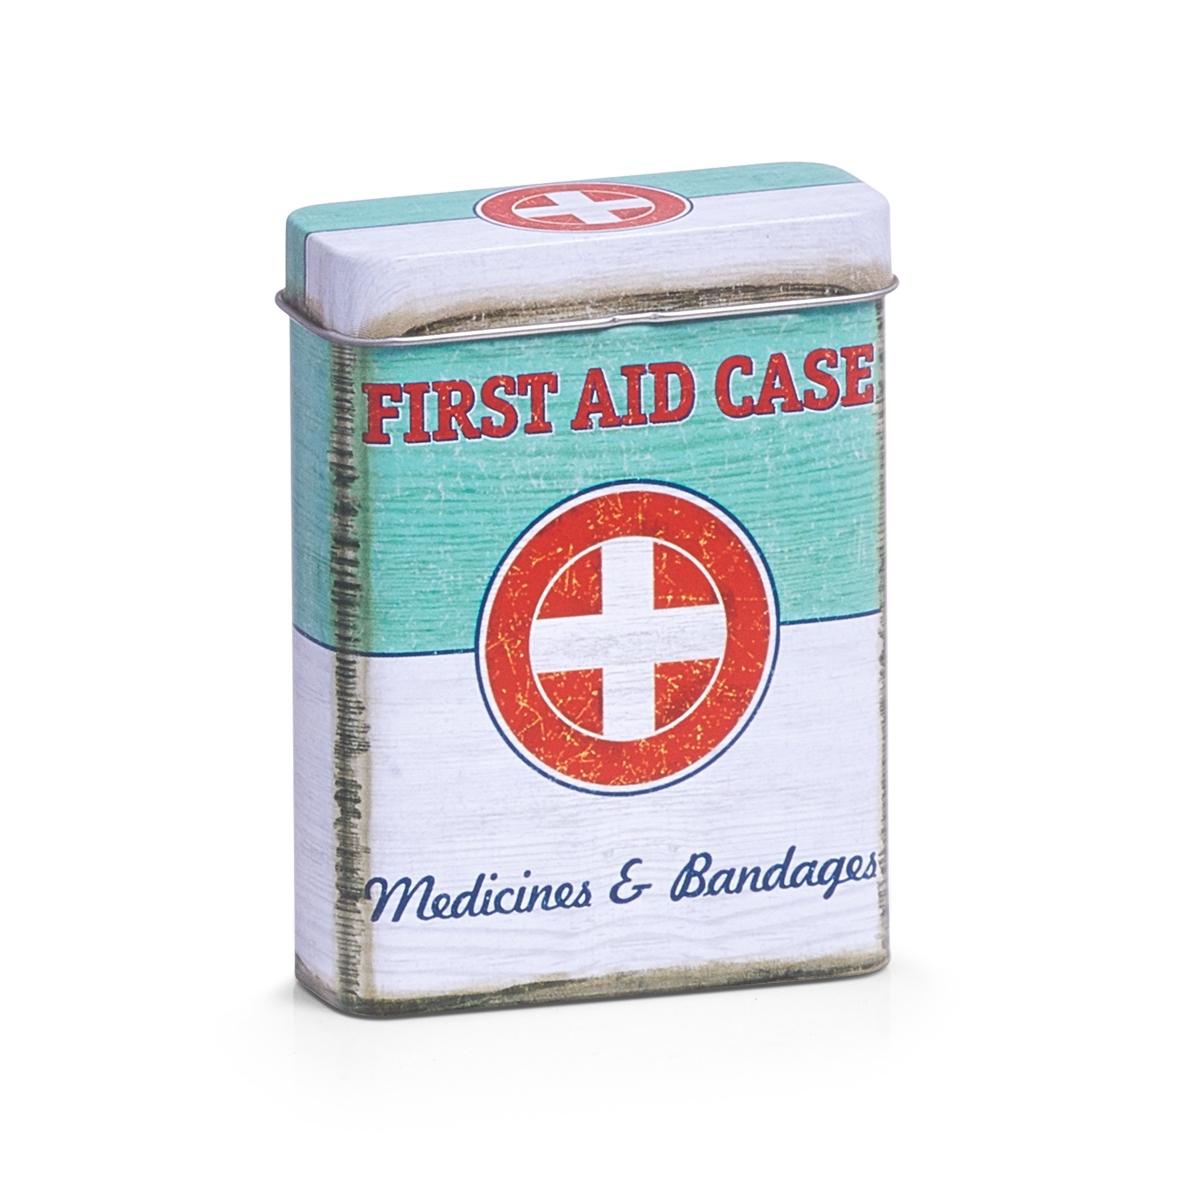 Cutie pentru depozitarea medicamentelor, First Aid Case, Metal, l7xA2,7xH9,4 cm( 474696)